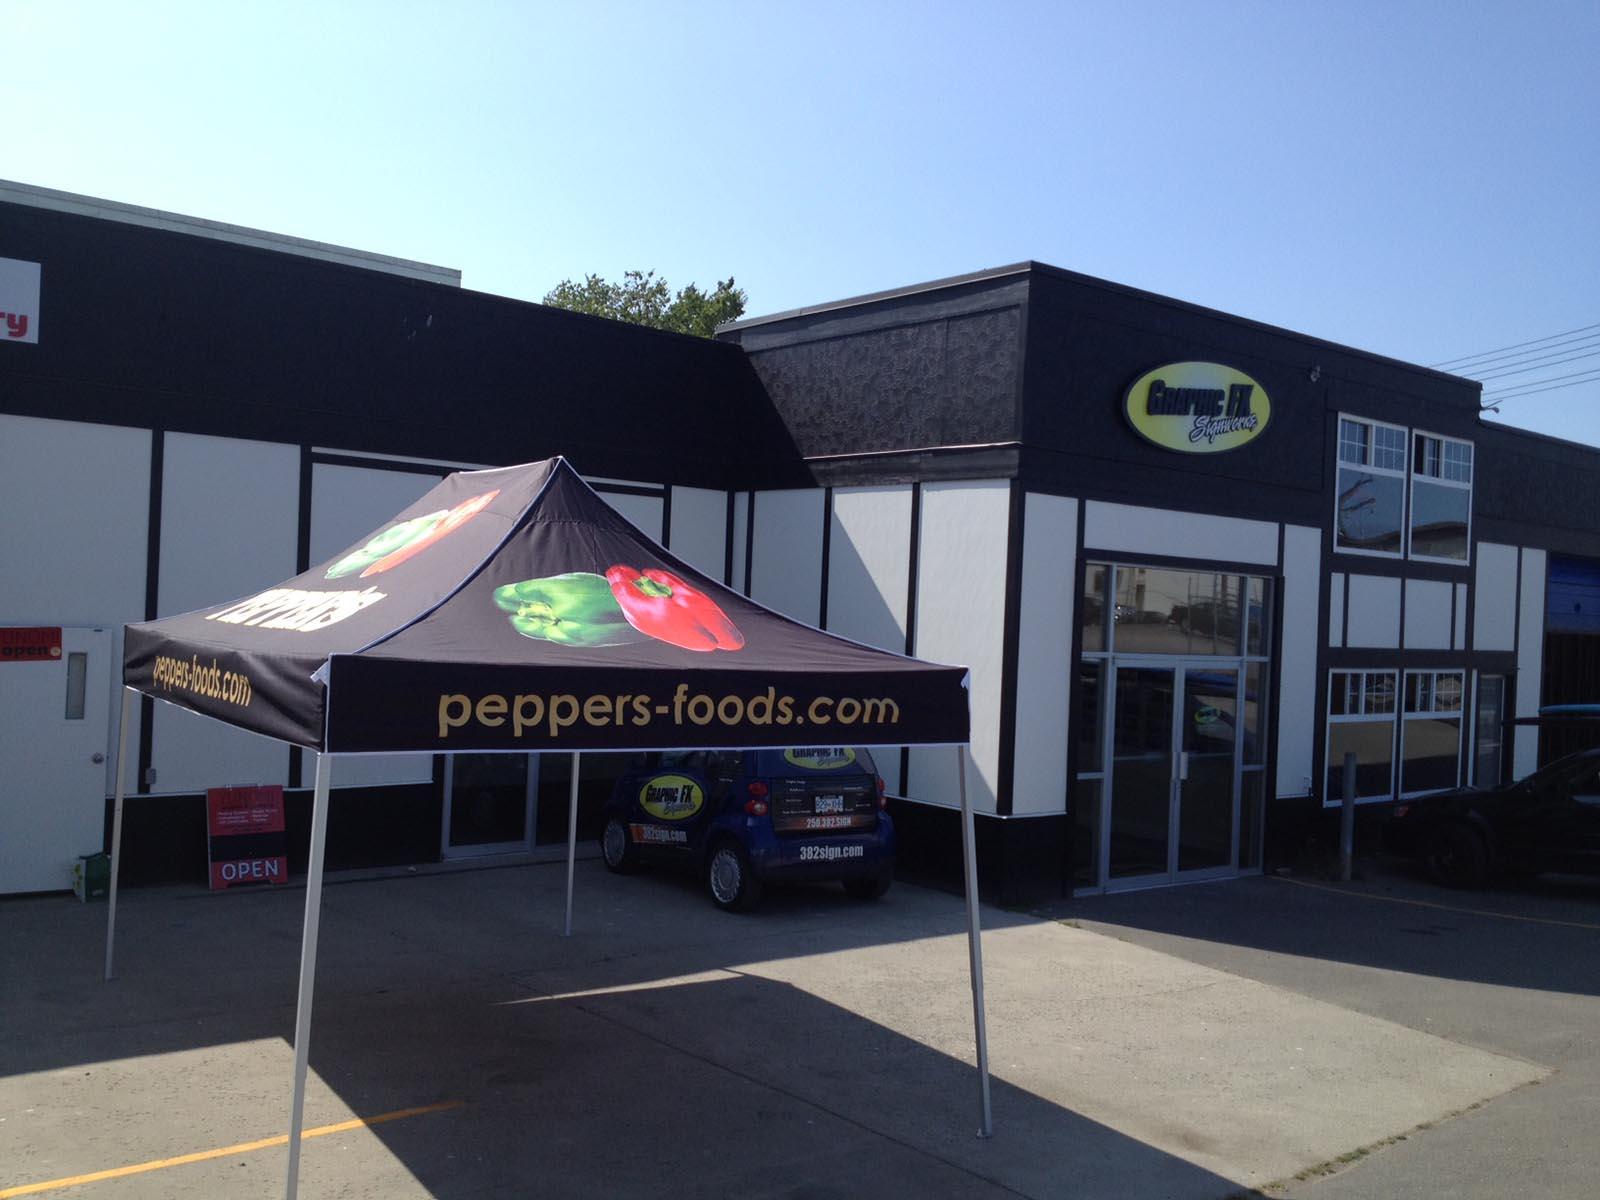 PeppersFoods-tent